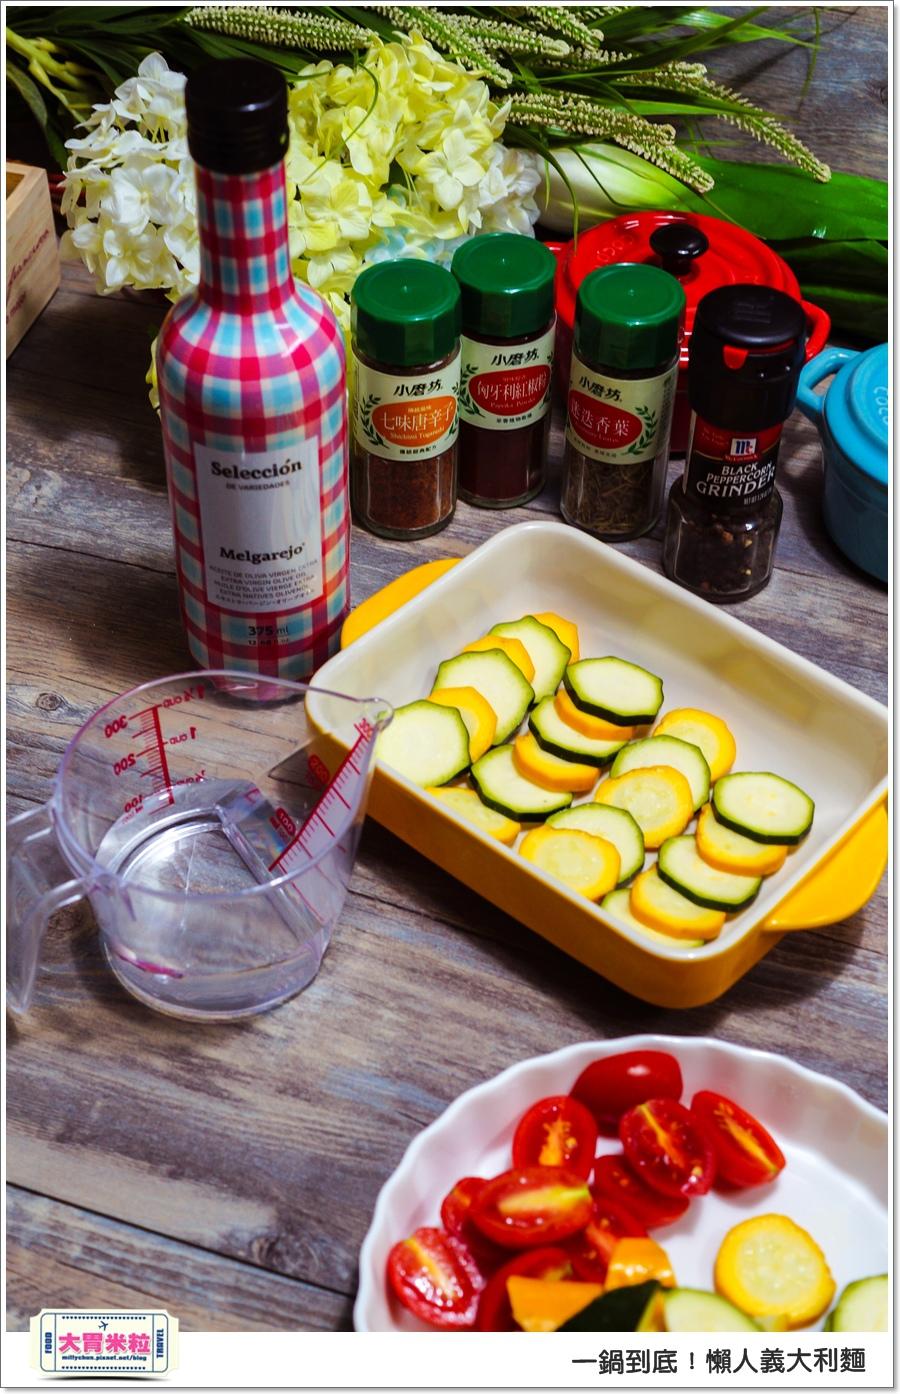 梅爾雷赫頂級初榨橄欖油食譜@懶人義大利麵食譜@大胃米粒00010.jpg